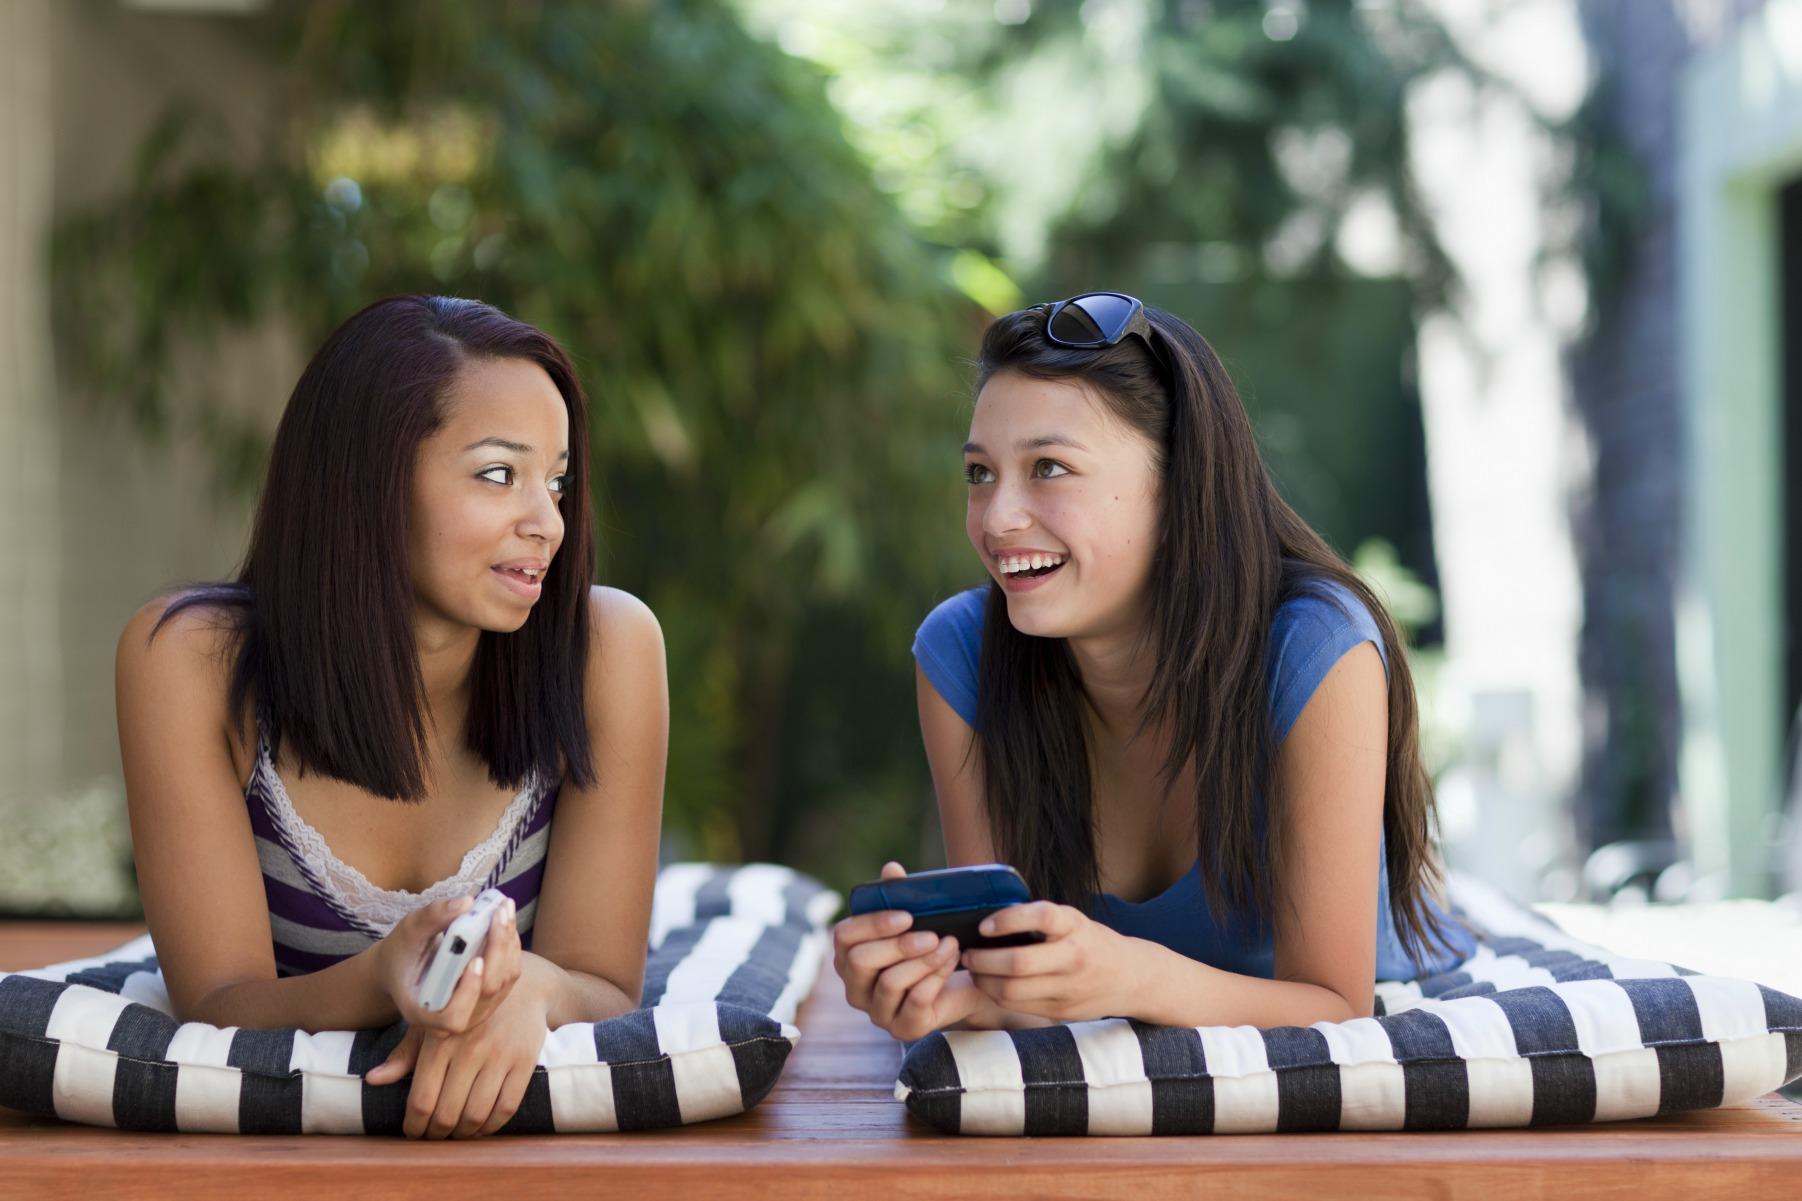 veninder, piger, møde, forventninger, roomie, bolig, venner, roommate, uddannelse